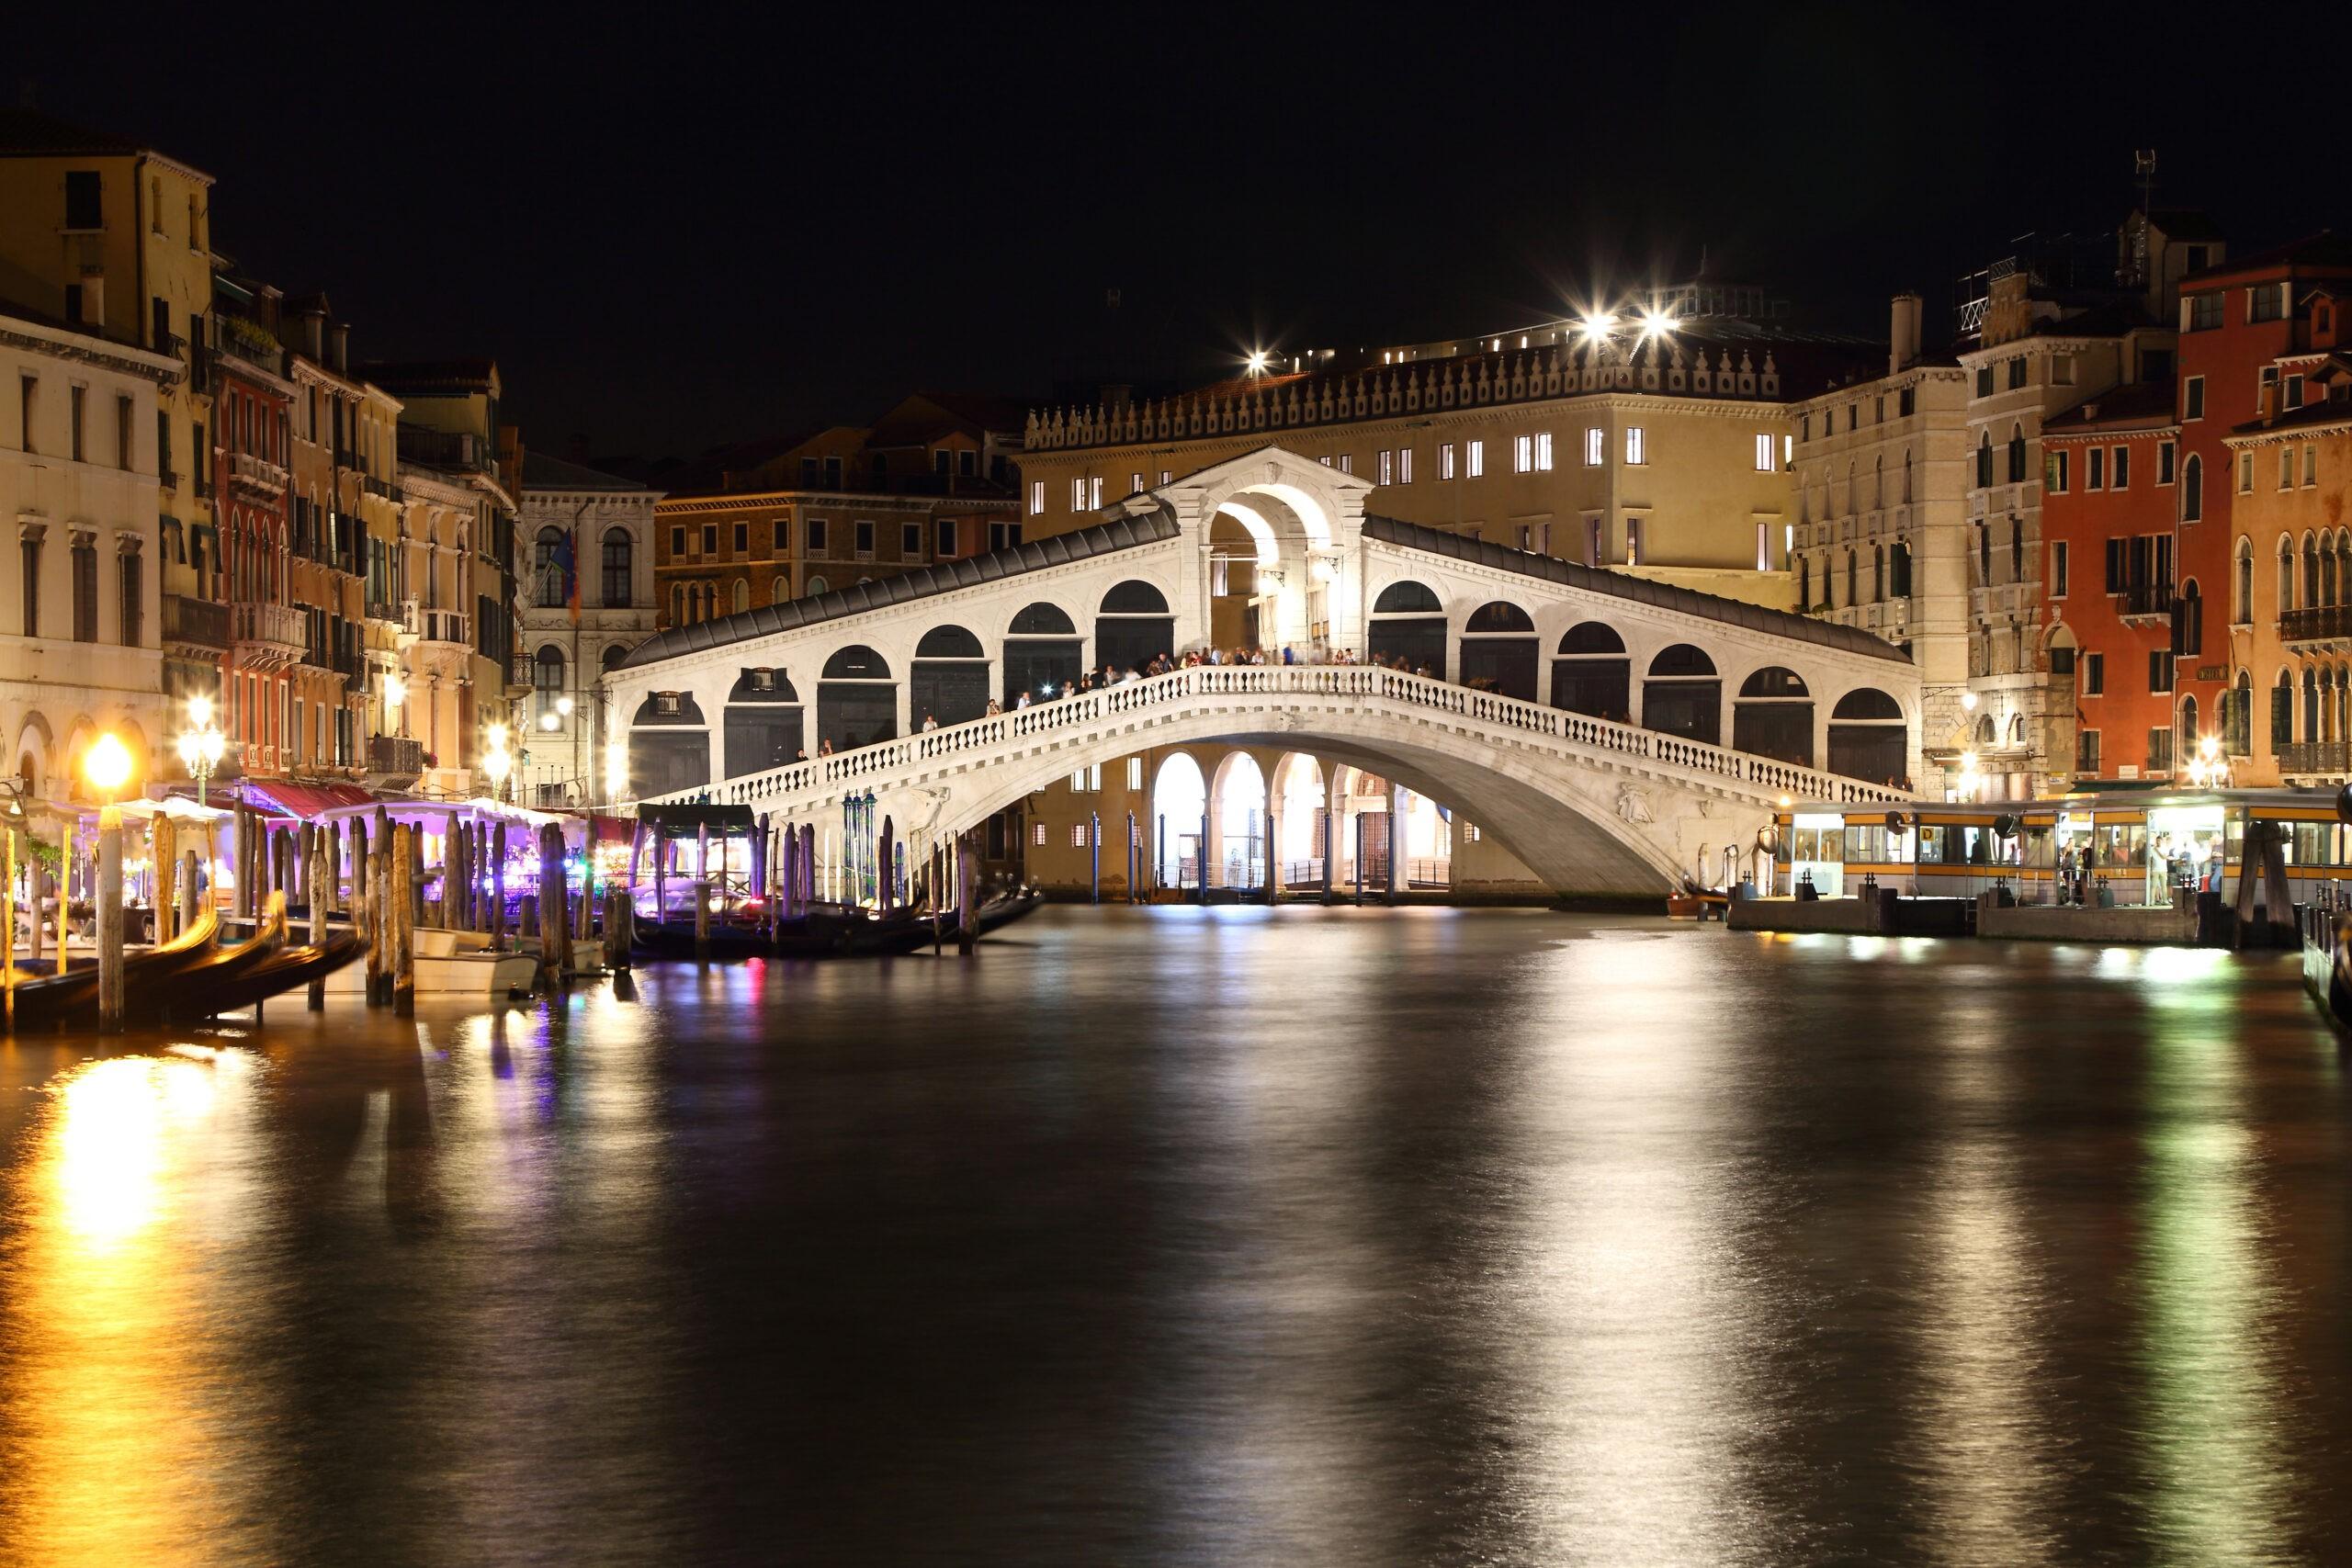 Wenecja Euganejska - Wenecja nocą, Włochy